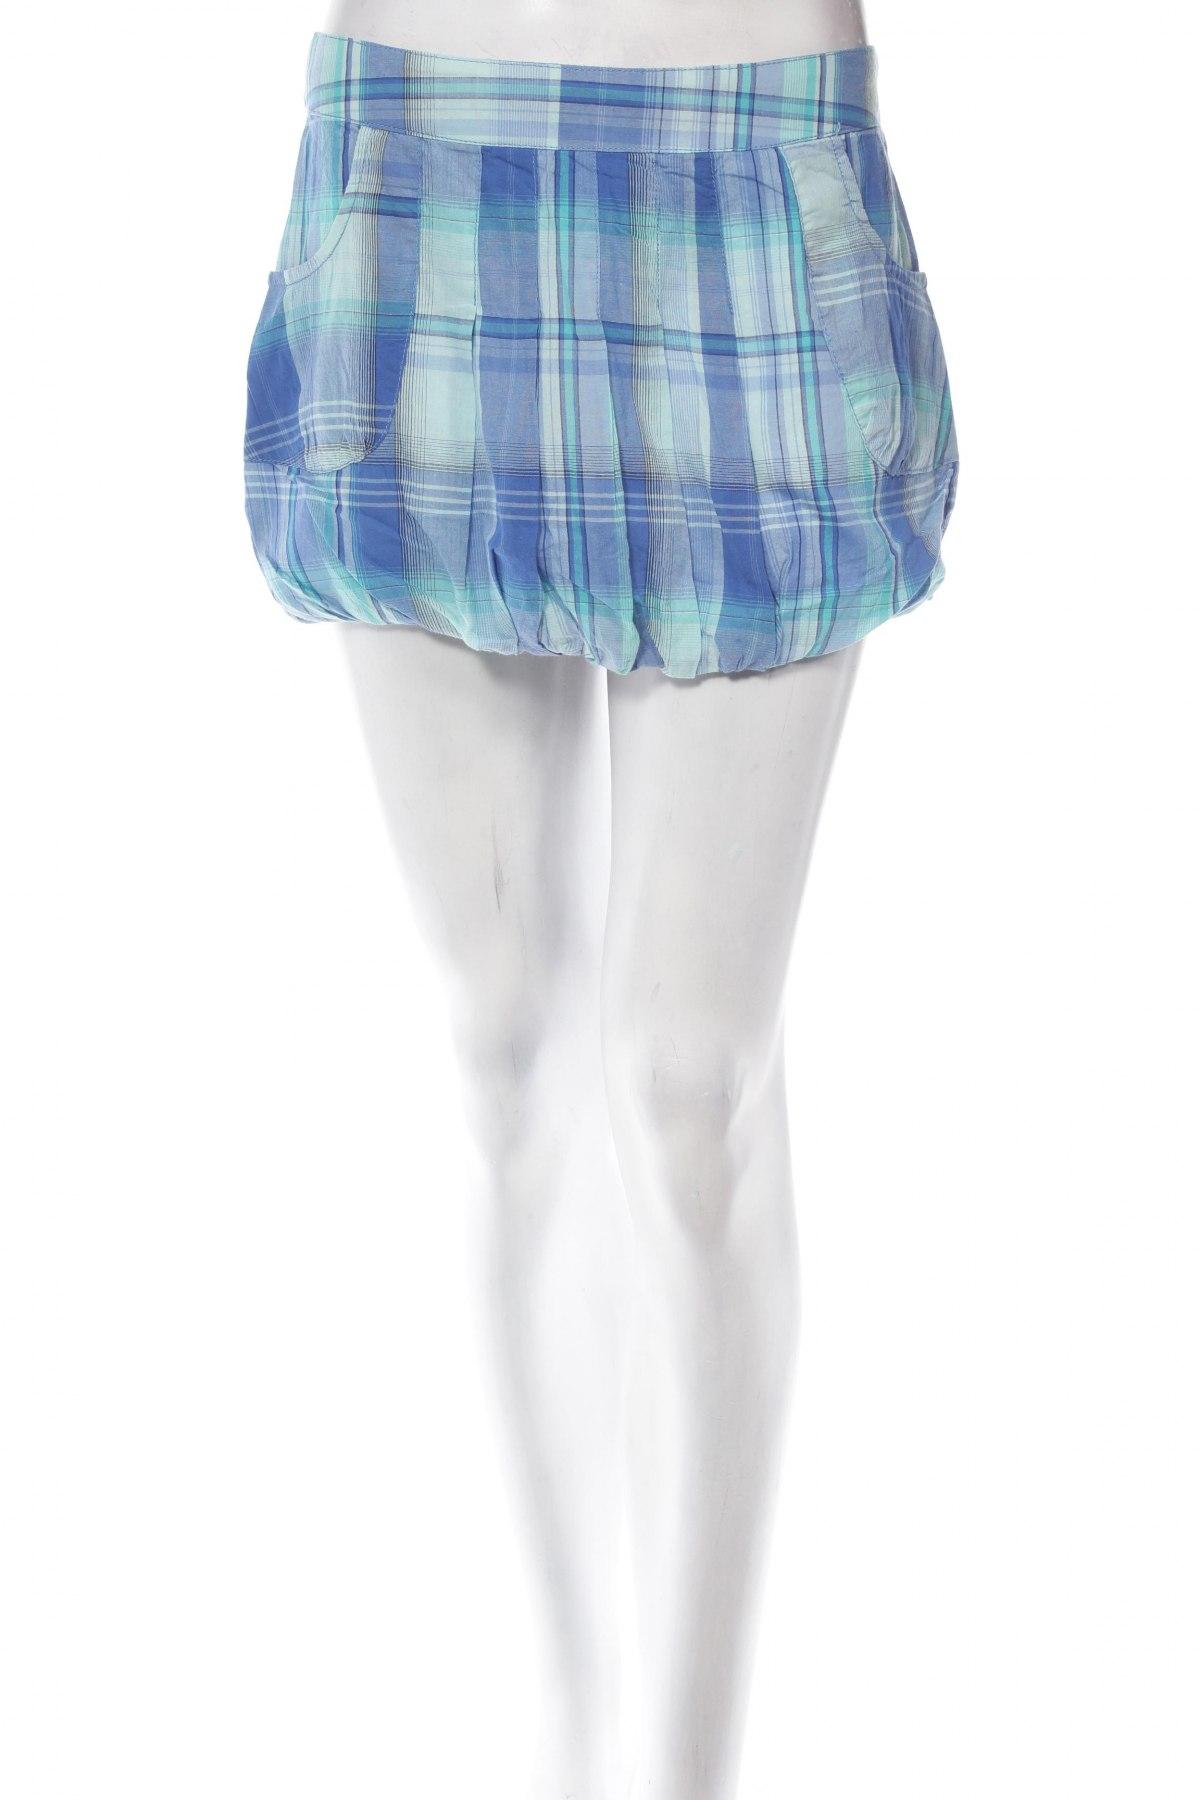 Φούστα Moodo, Μέγεθος S, Χρώμα Μπλέ, Βαμβάκι, Τιμή 3,16€